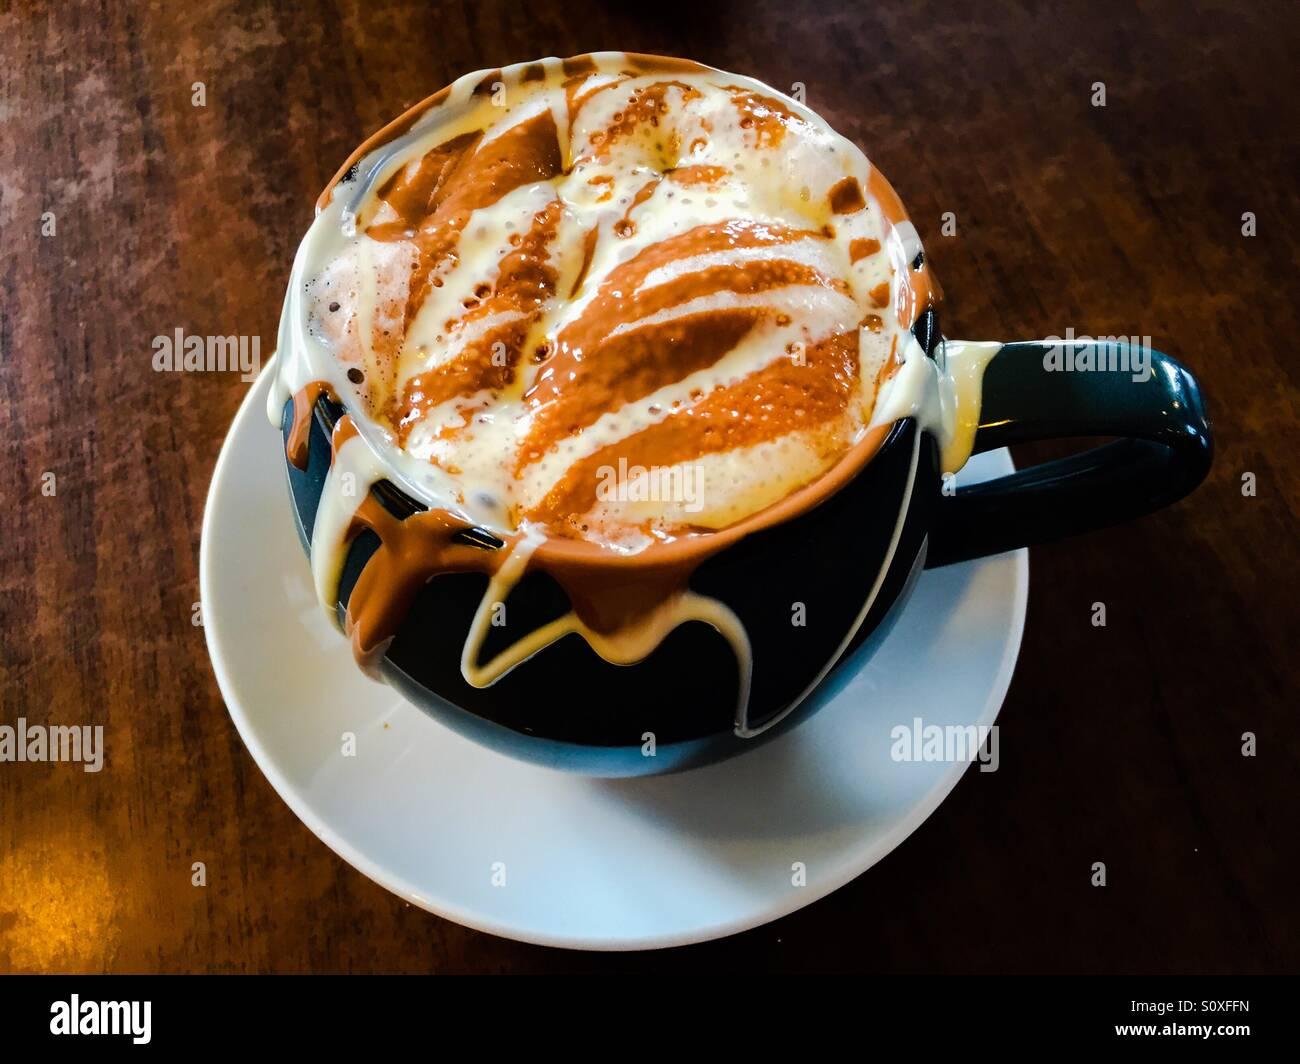 La migliore cioccolata calda nel mondo? Cremosa di fusione bevanda al cioccolato Immagini Stock